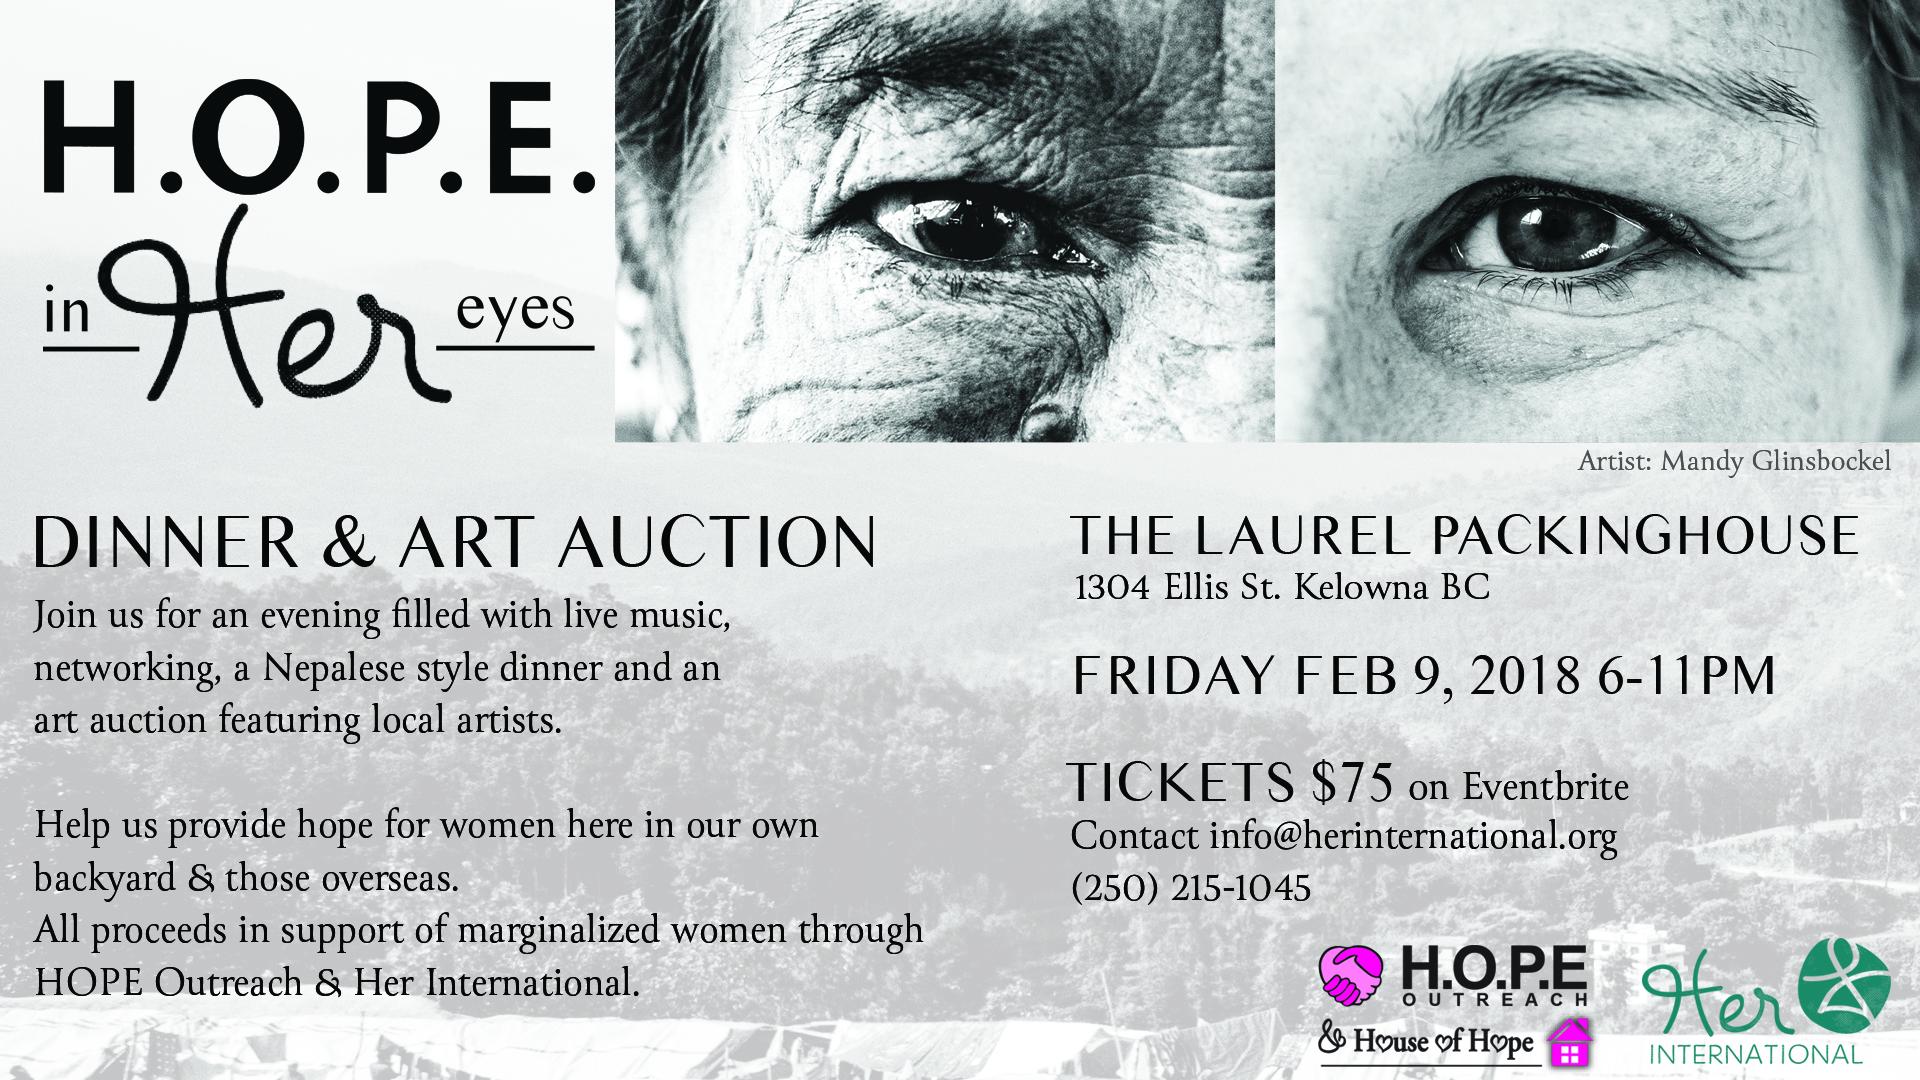 Facebook_Hope In Her Eyes.jpg